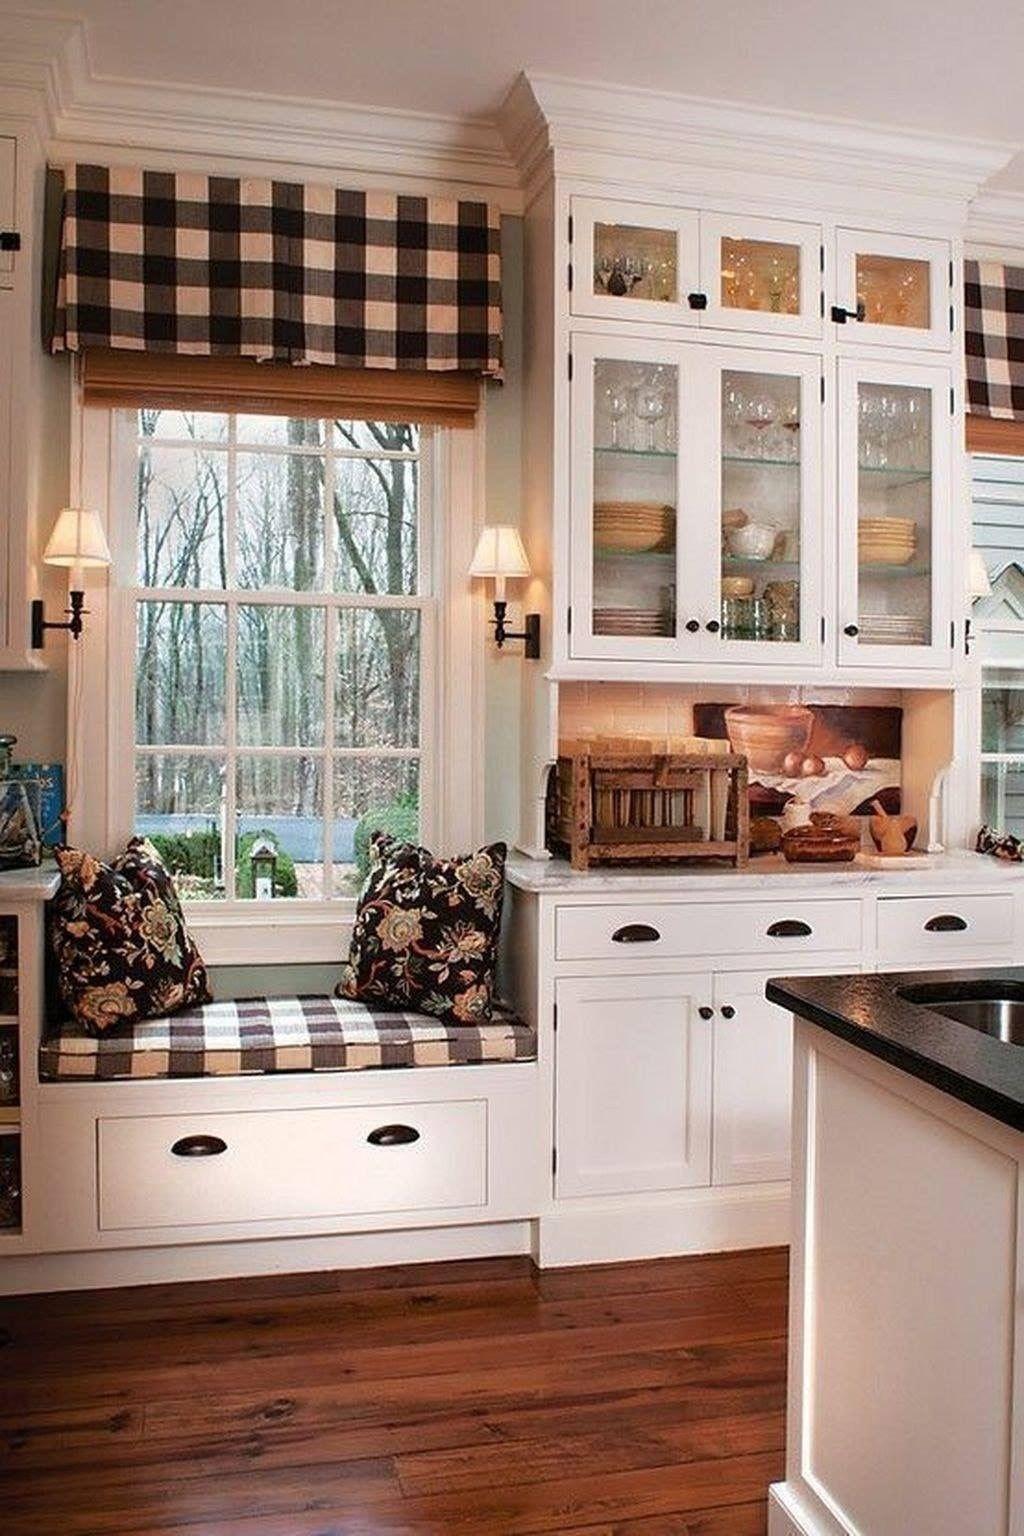 farmhouse kitchen curtains farmhouse kitchen decor farmhouse style kitchen on farmhouse kitchen valance ideas id=40765